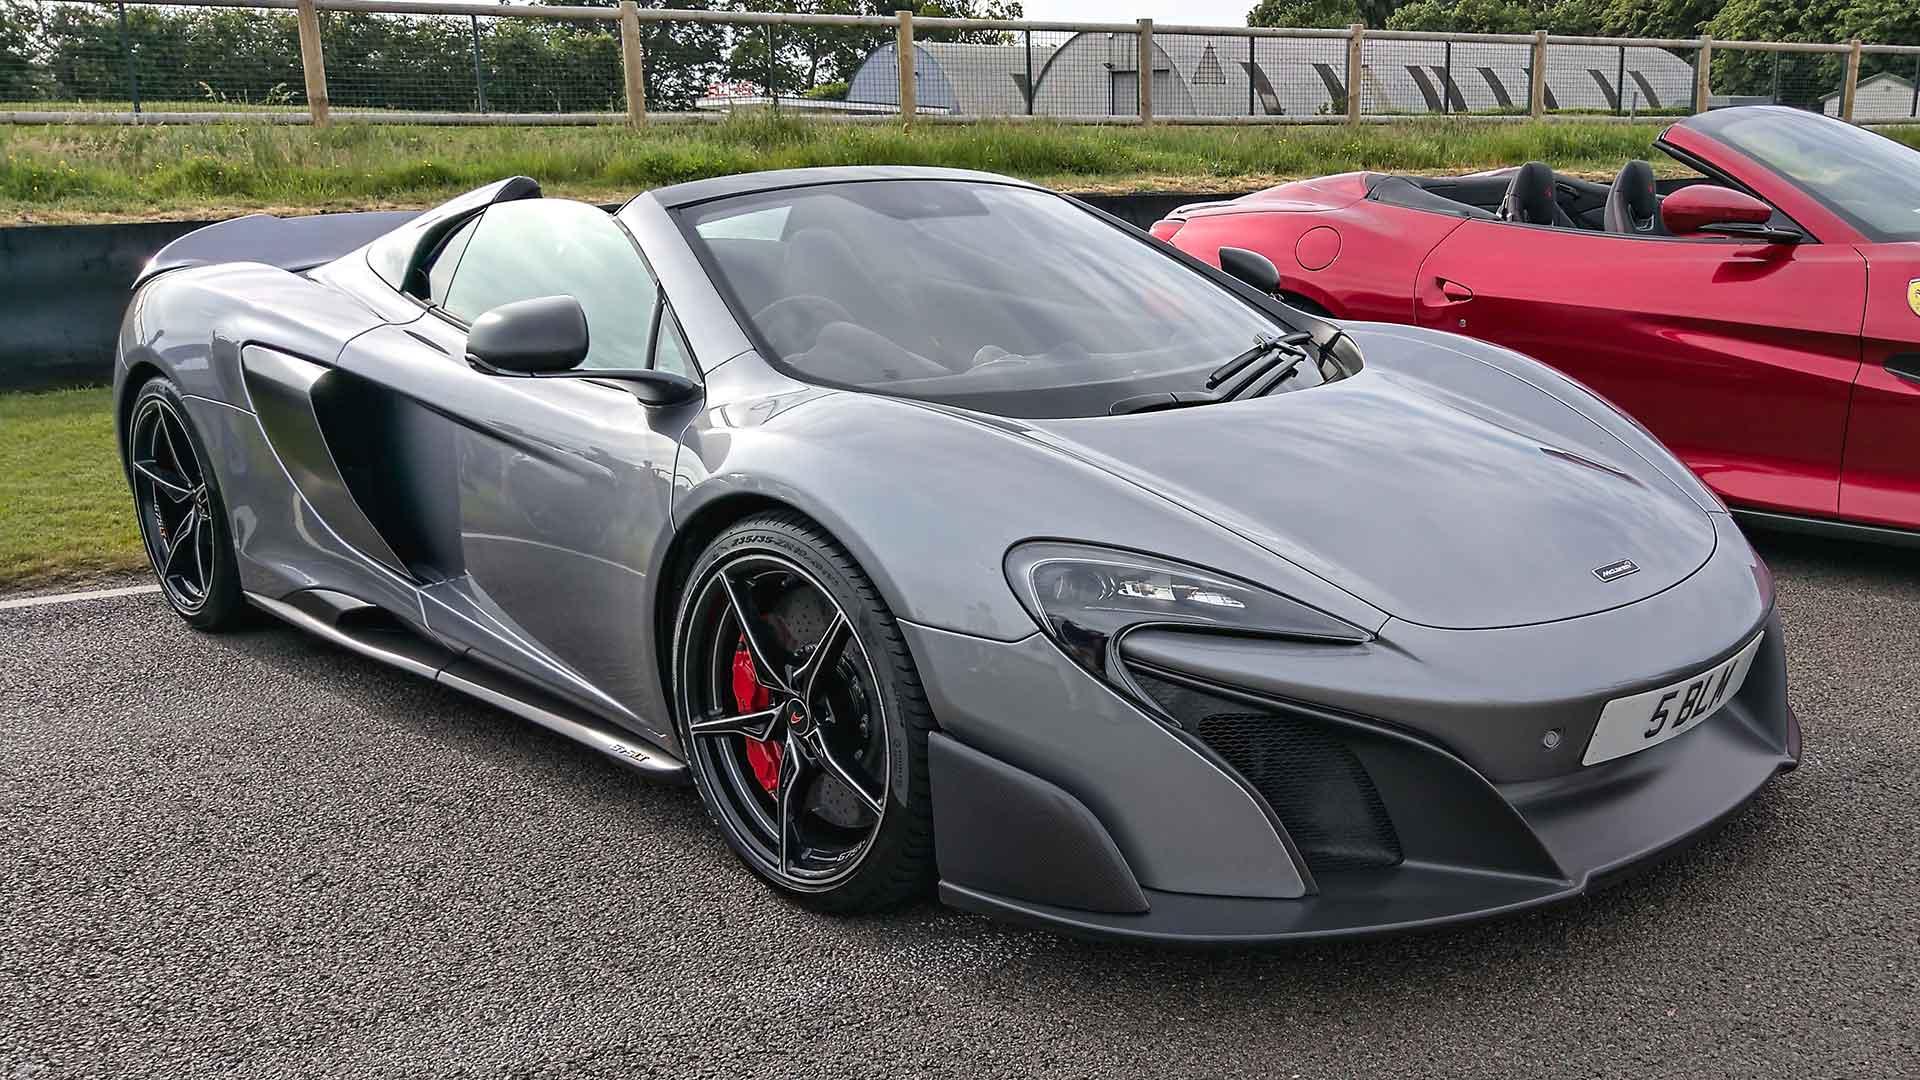 McLaren 675LT at Goodwood Supercar Sunday